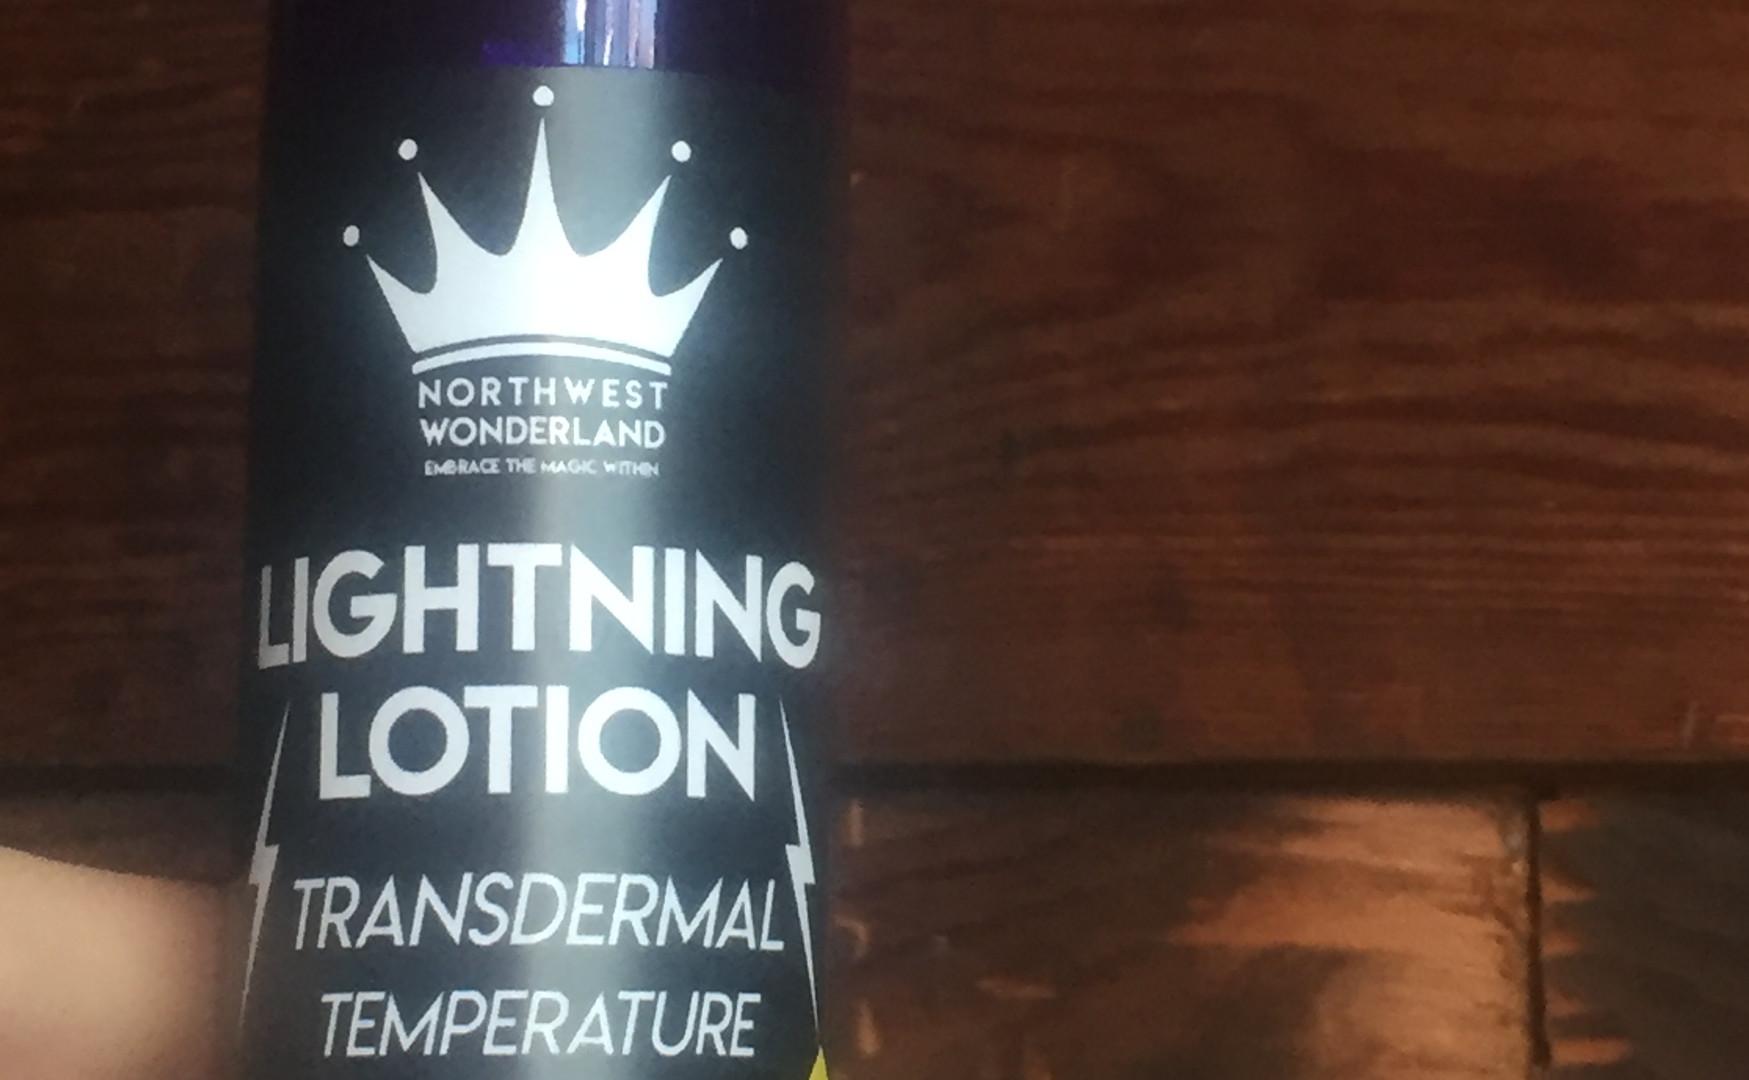 Lightning Lotion